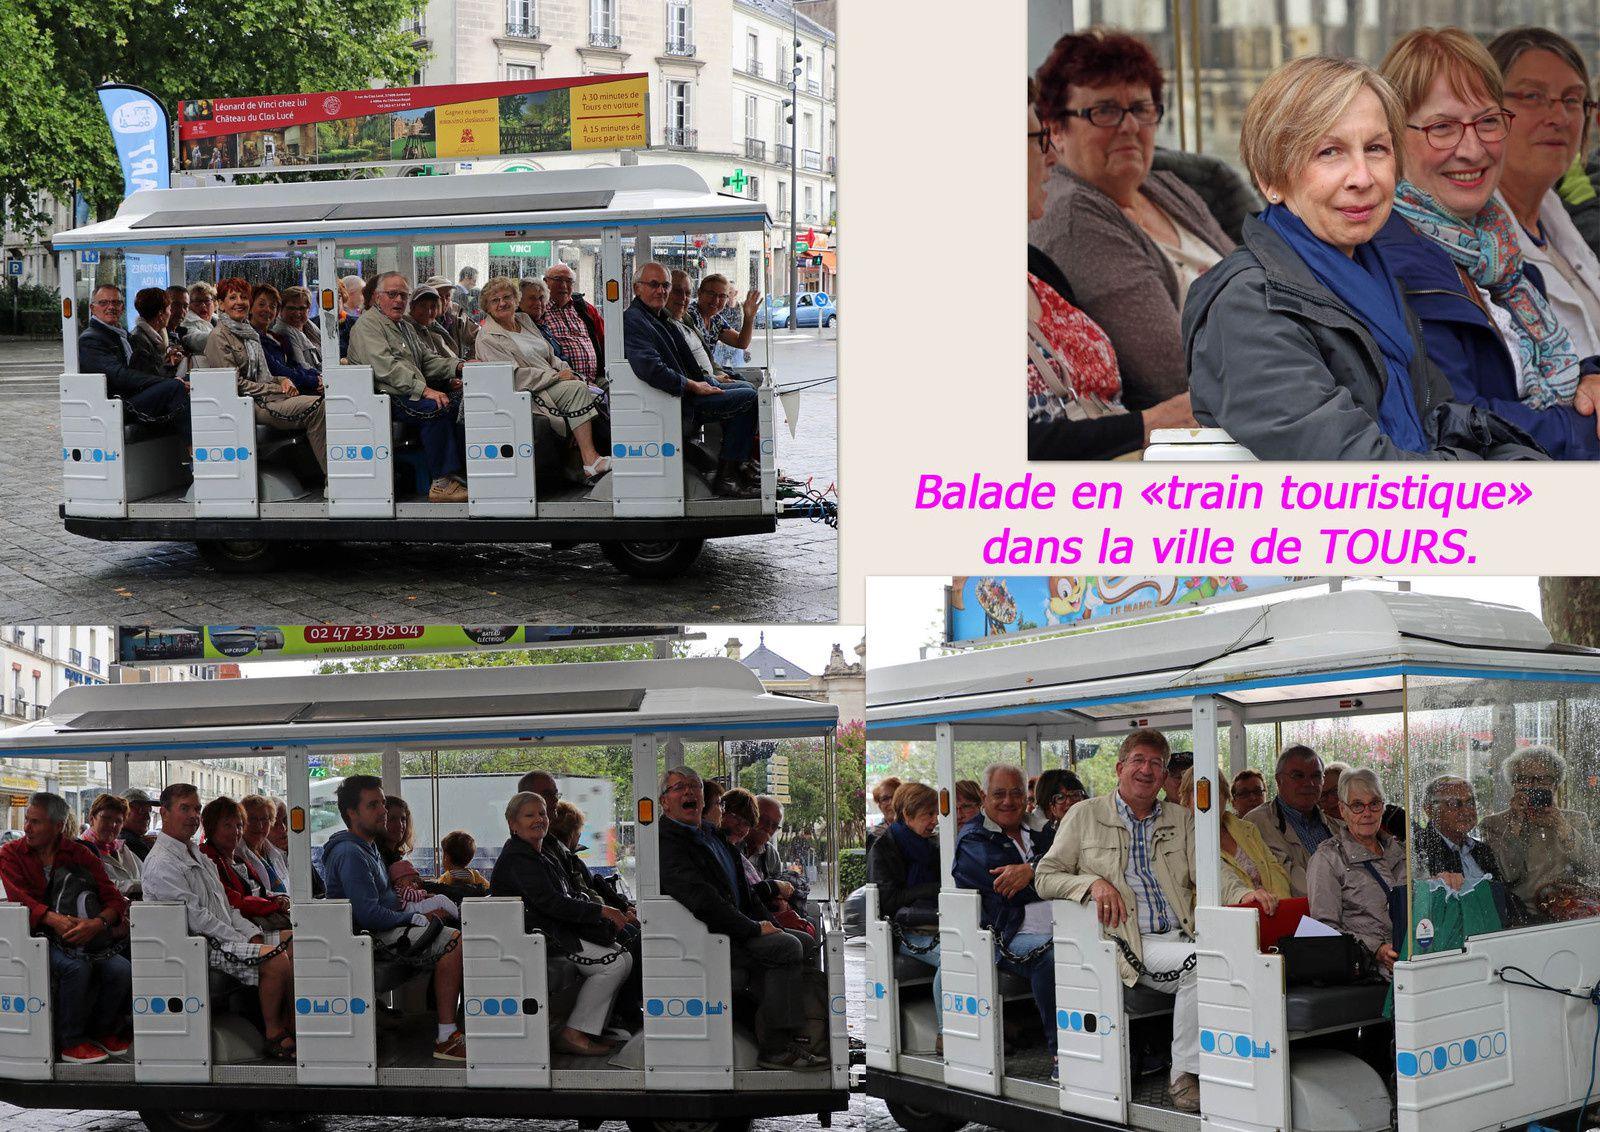 """Balade en """"train touristique"""" dans la ville de TOURS"""